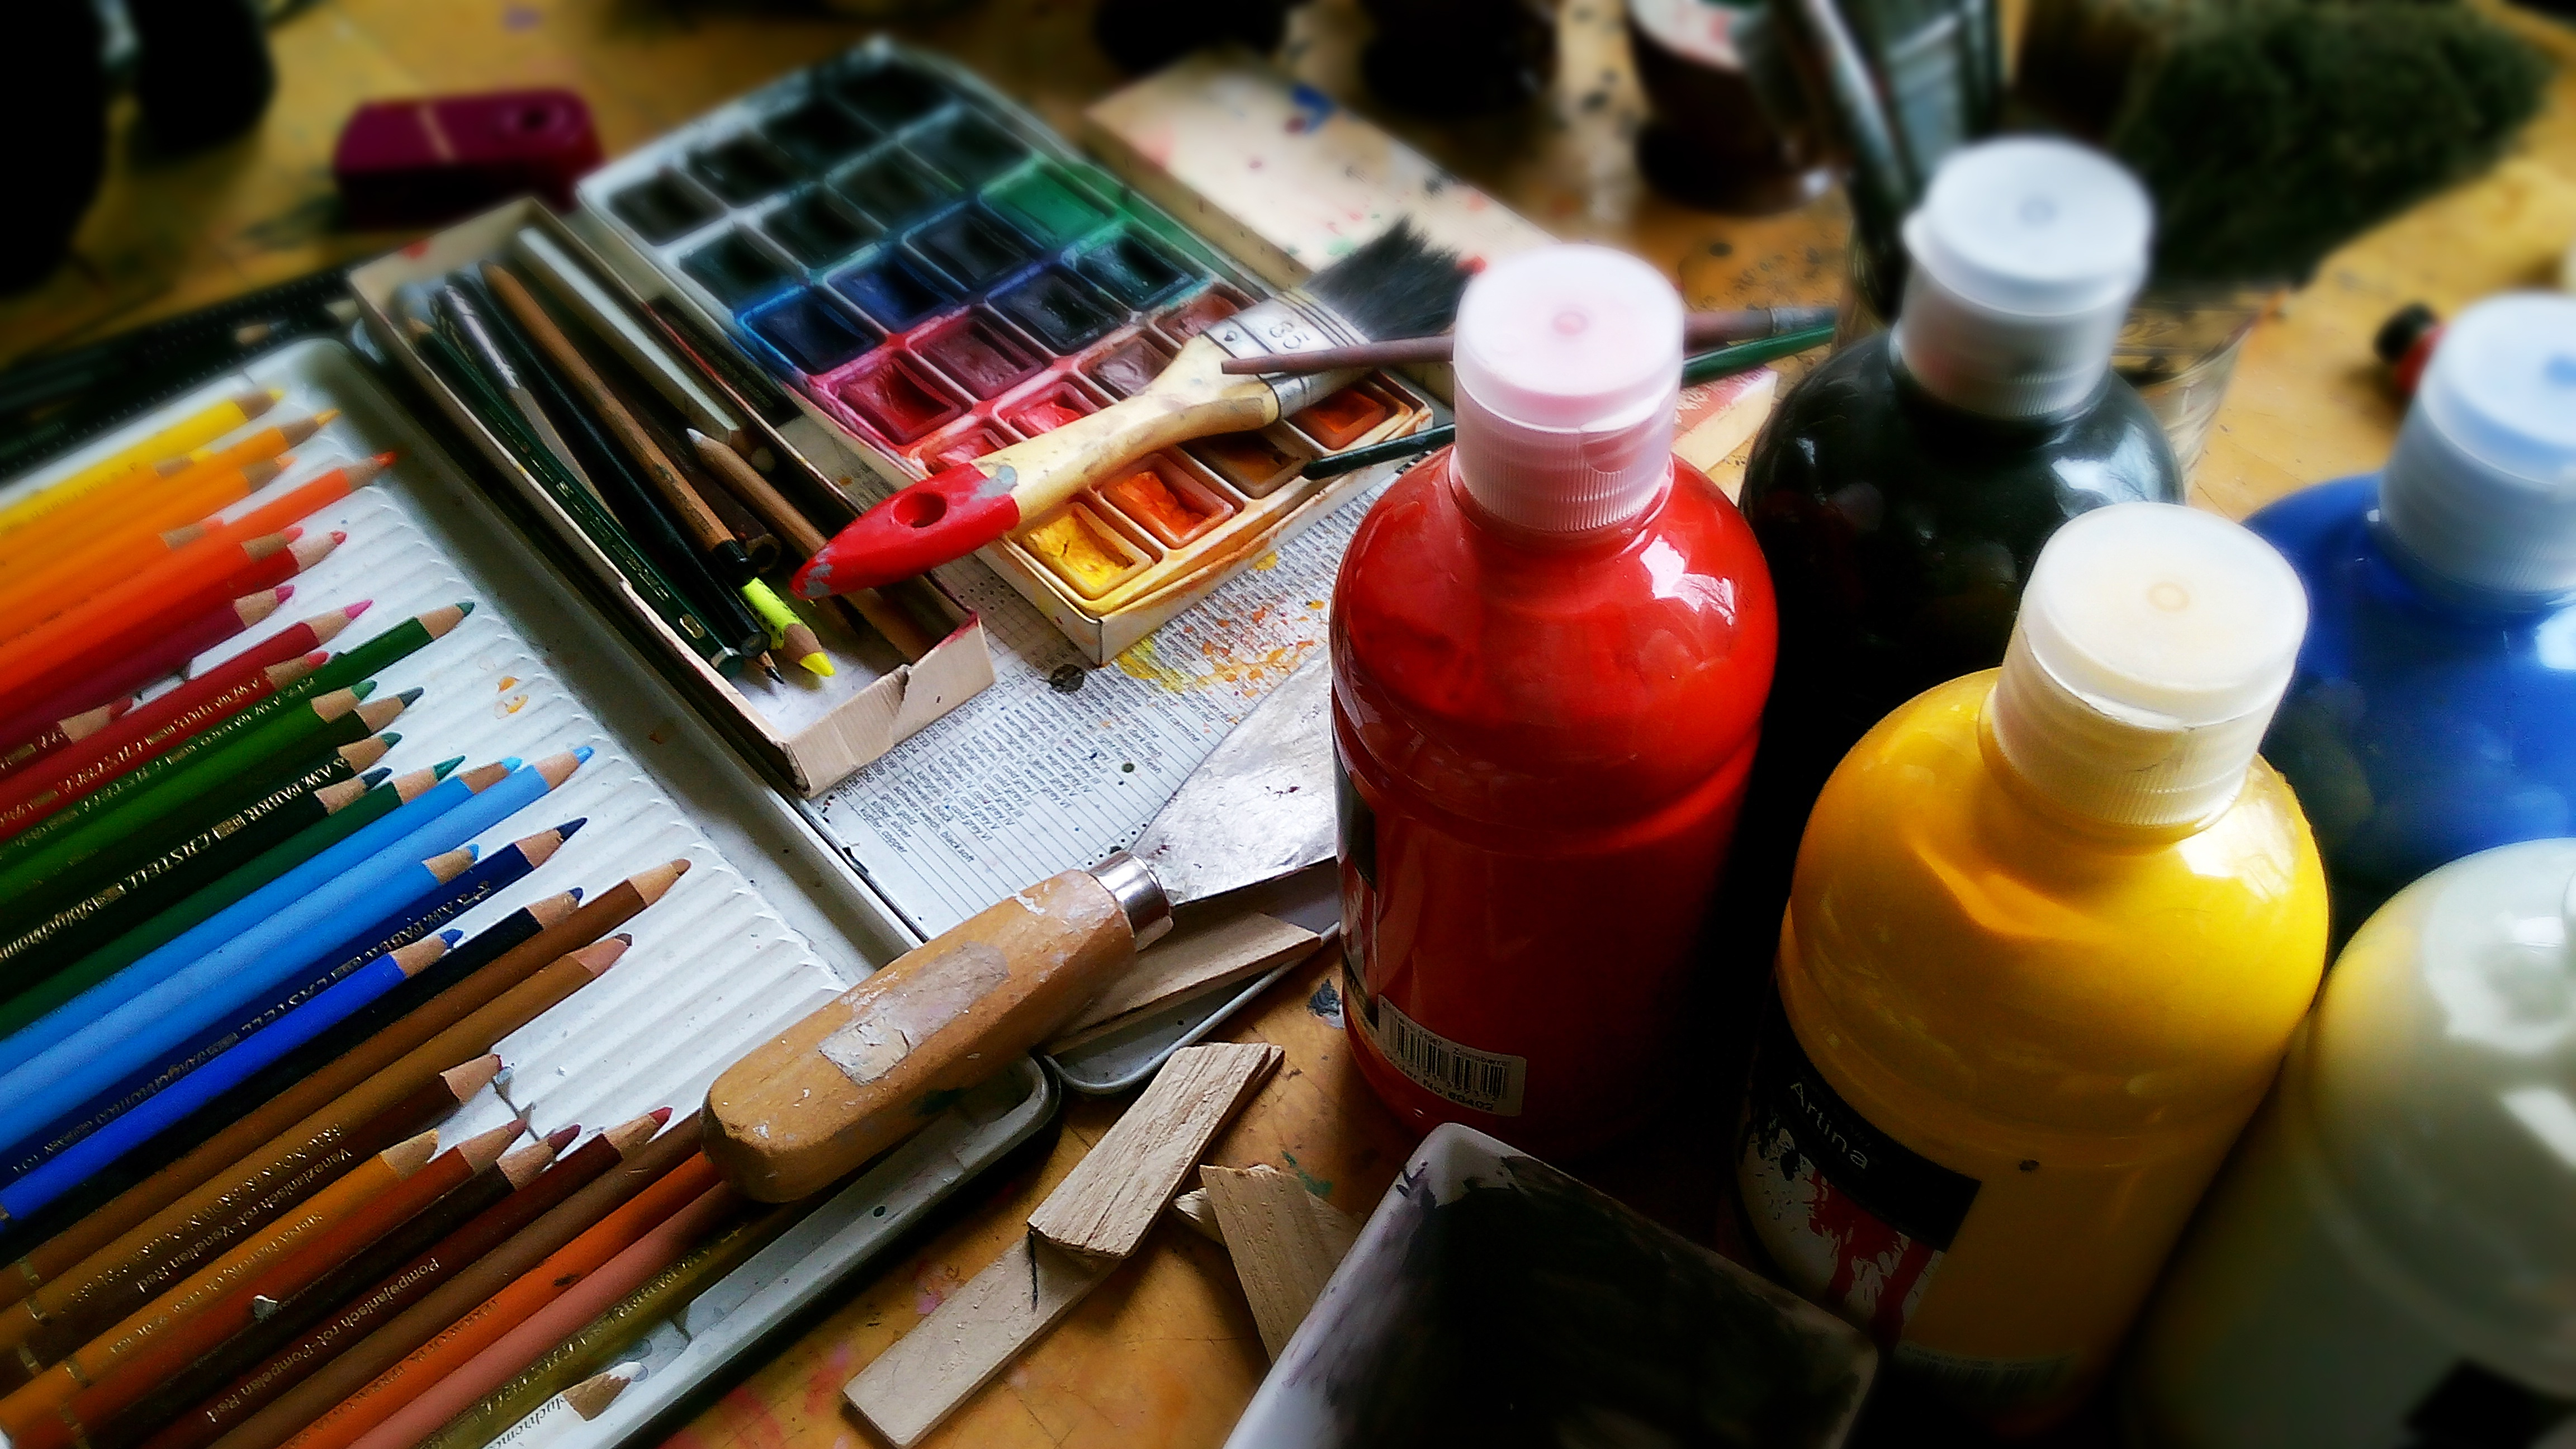 129186 Hintergrundbild 128x160 kostenlos auf deinem Handy, lade Bilder Verschiedenes, Sonstige, Farben, Die Stifte, Bleistifte, Malerei 128x160 auf dein Handy herunter